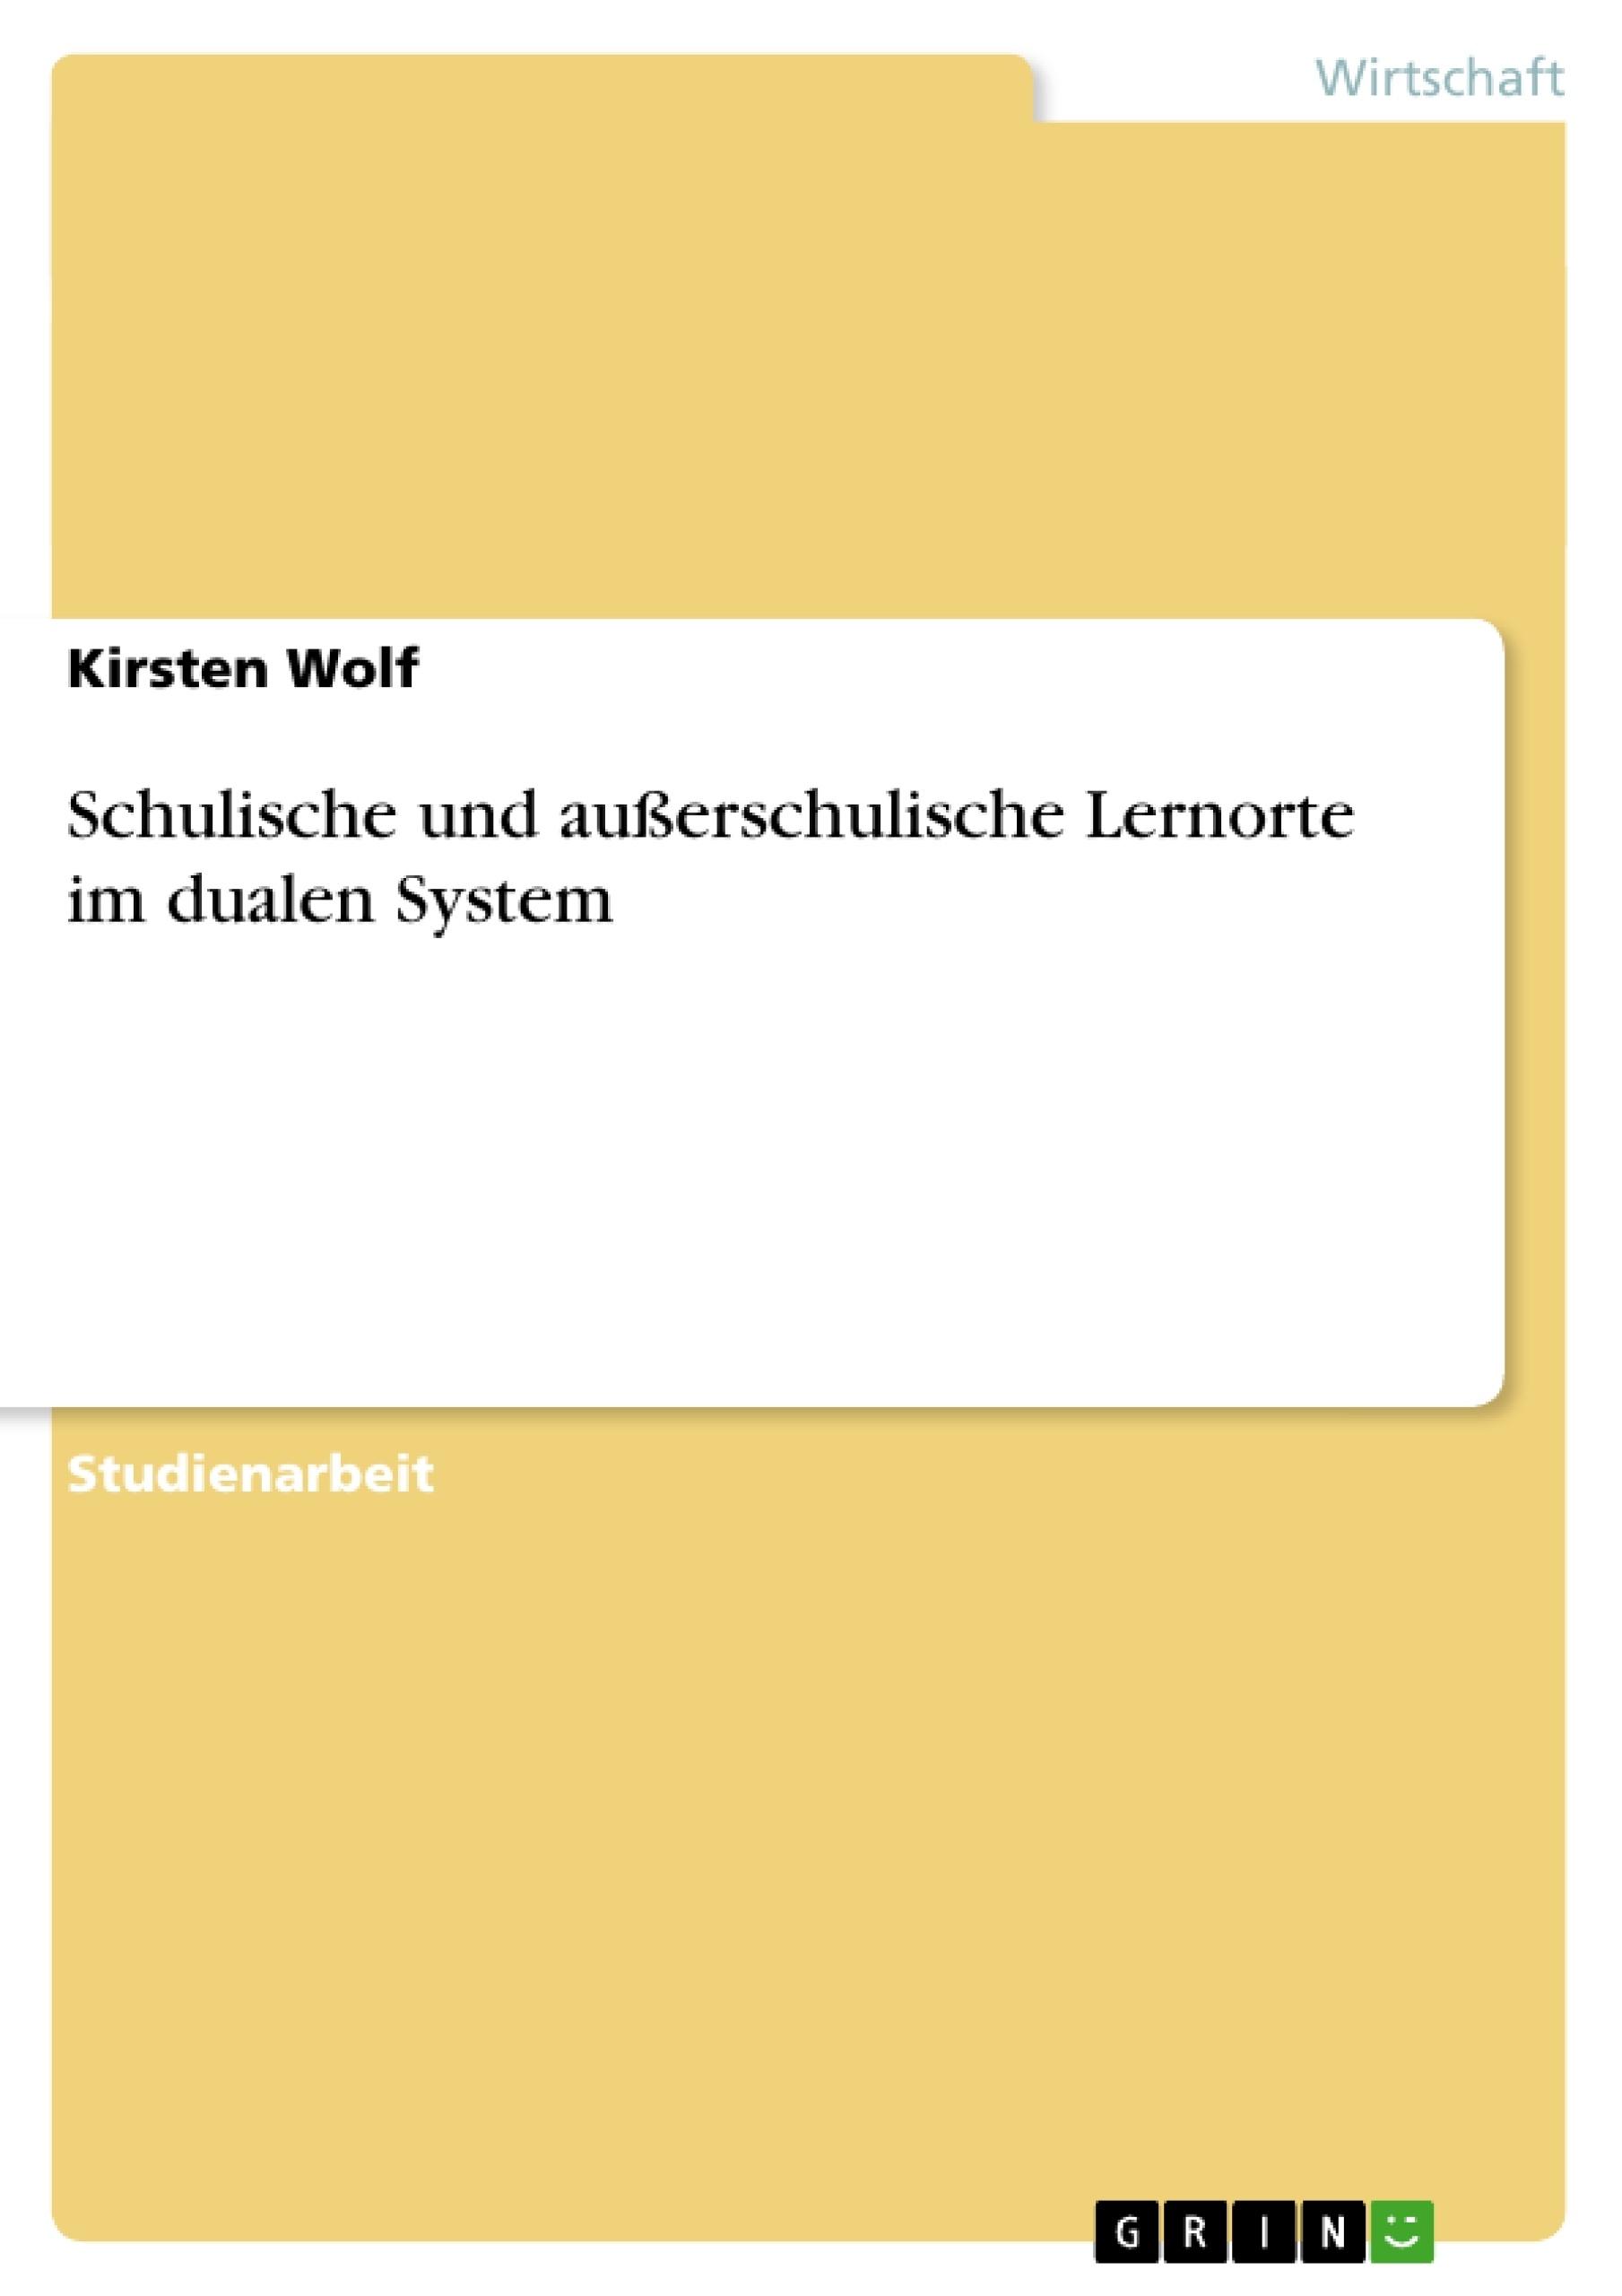 Titel: Schulische und außerschulische Lernorte im dualen System